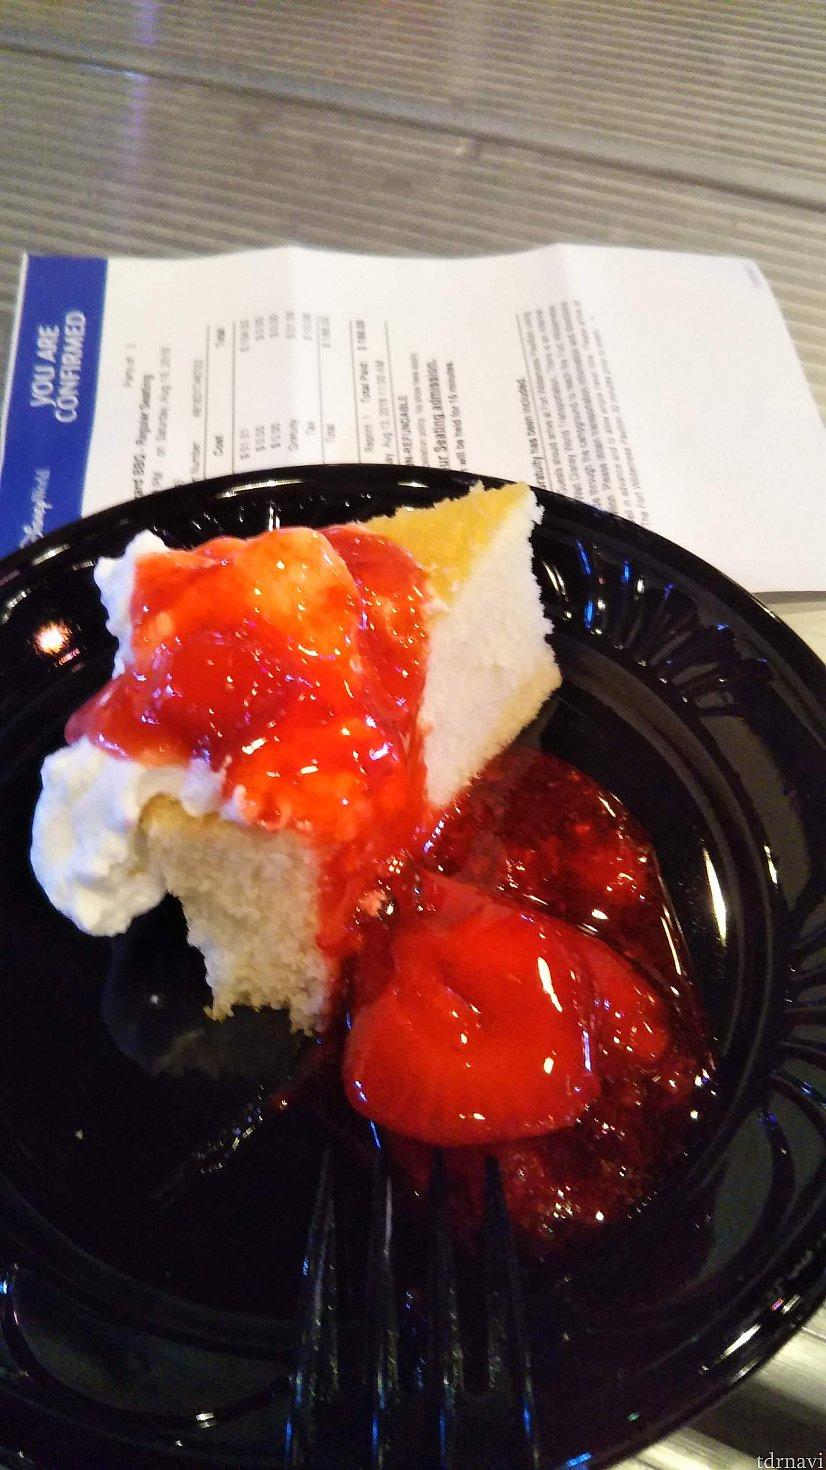 デザートはチーズケーキ。甘いけどおいしい!